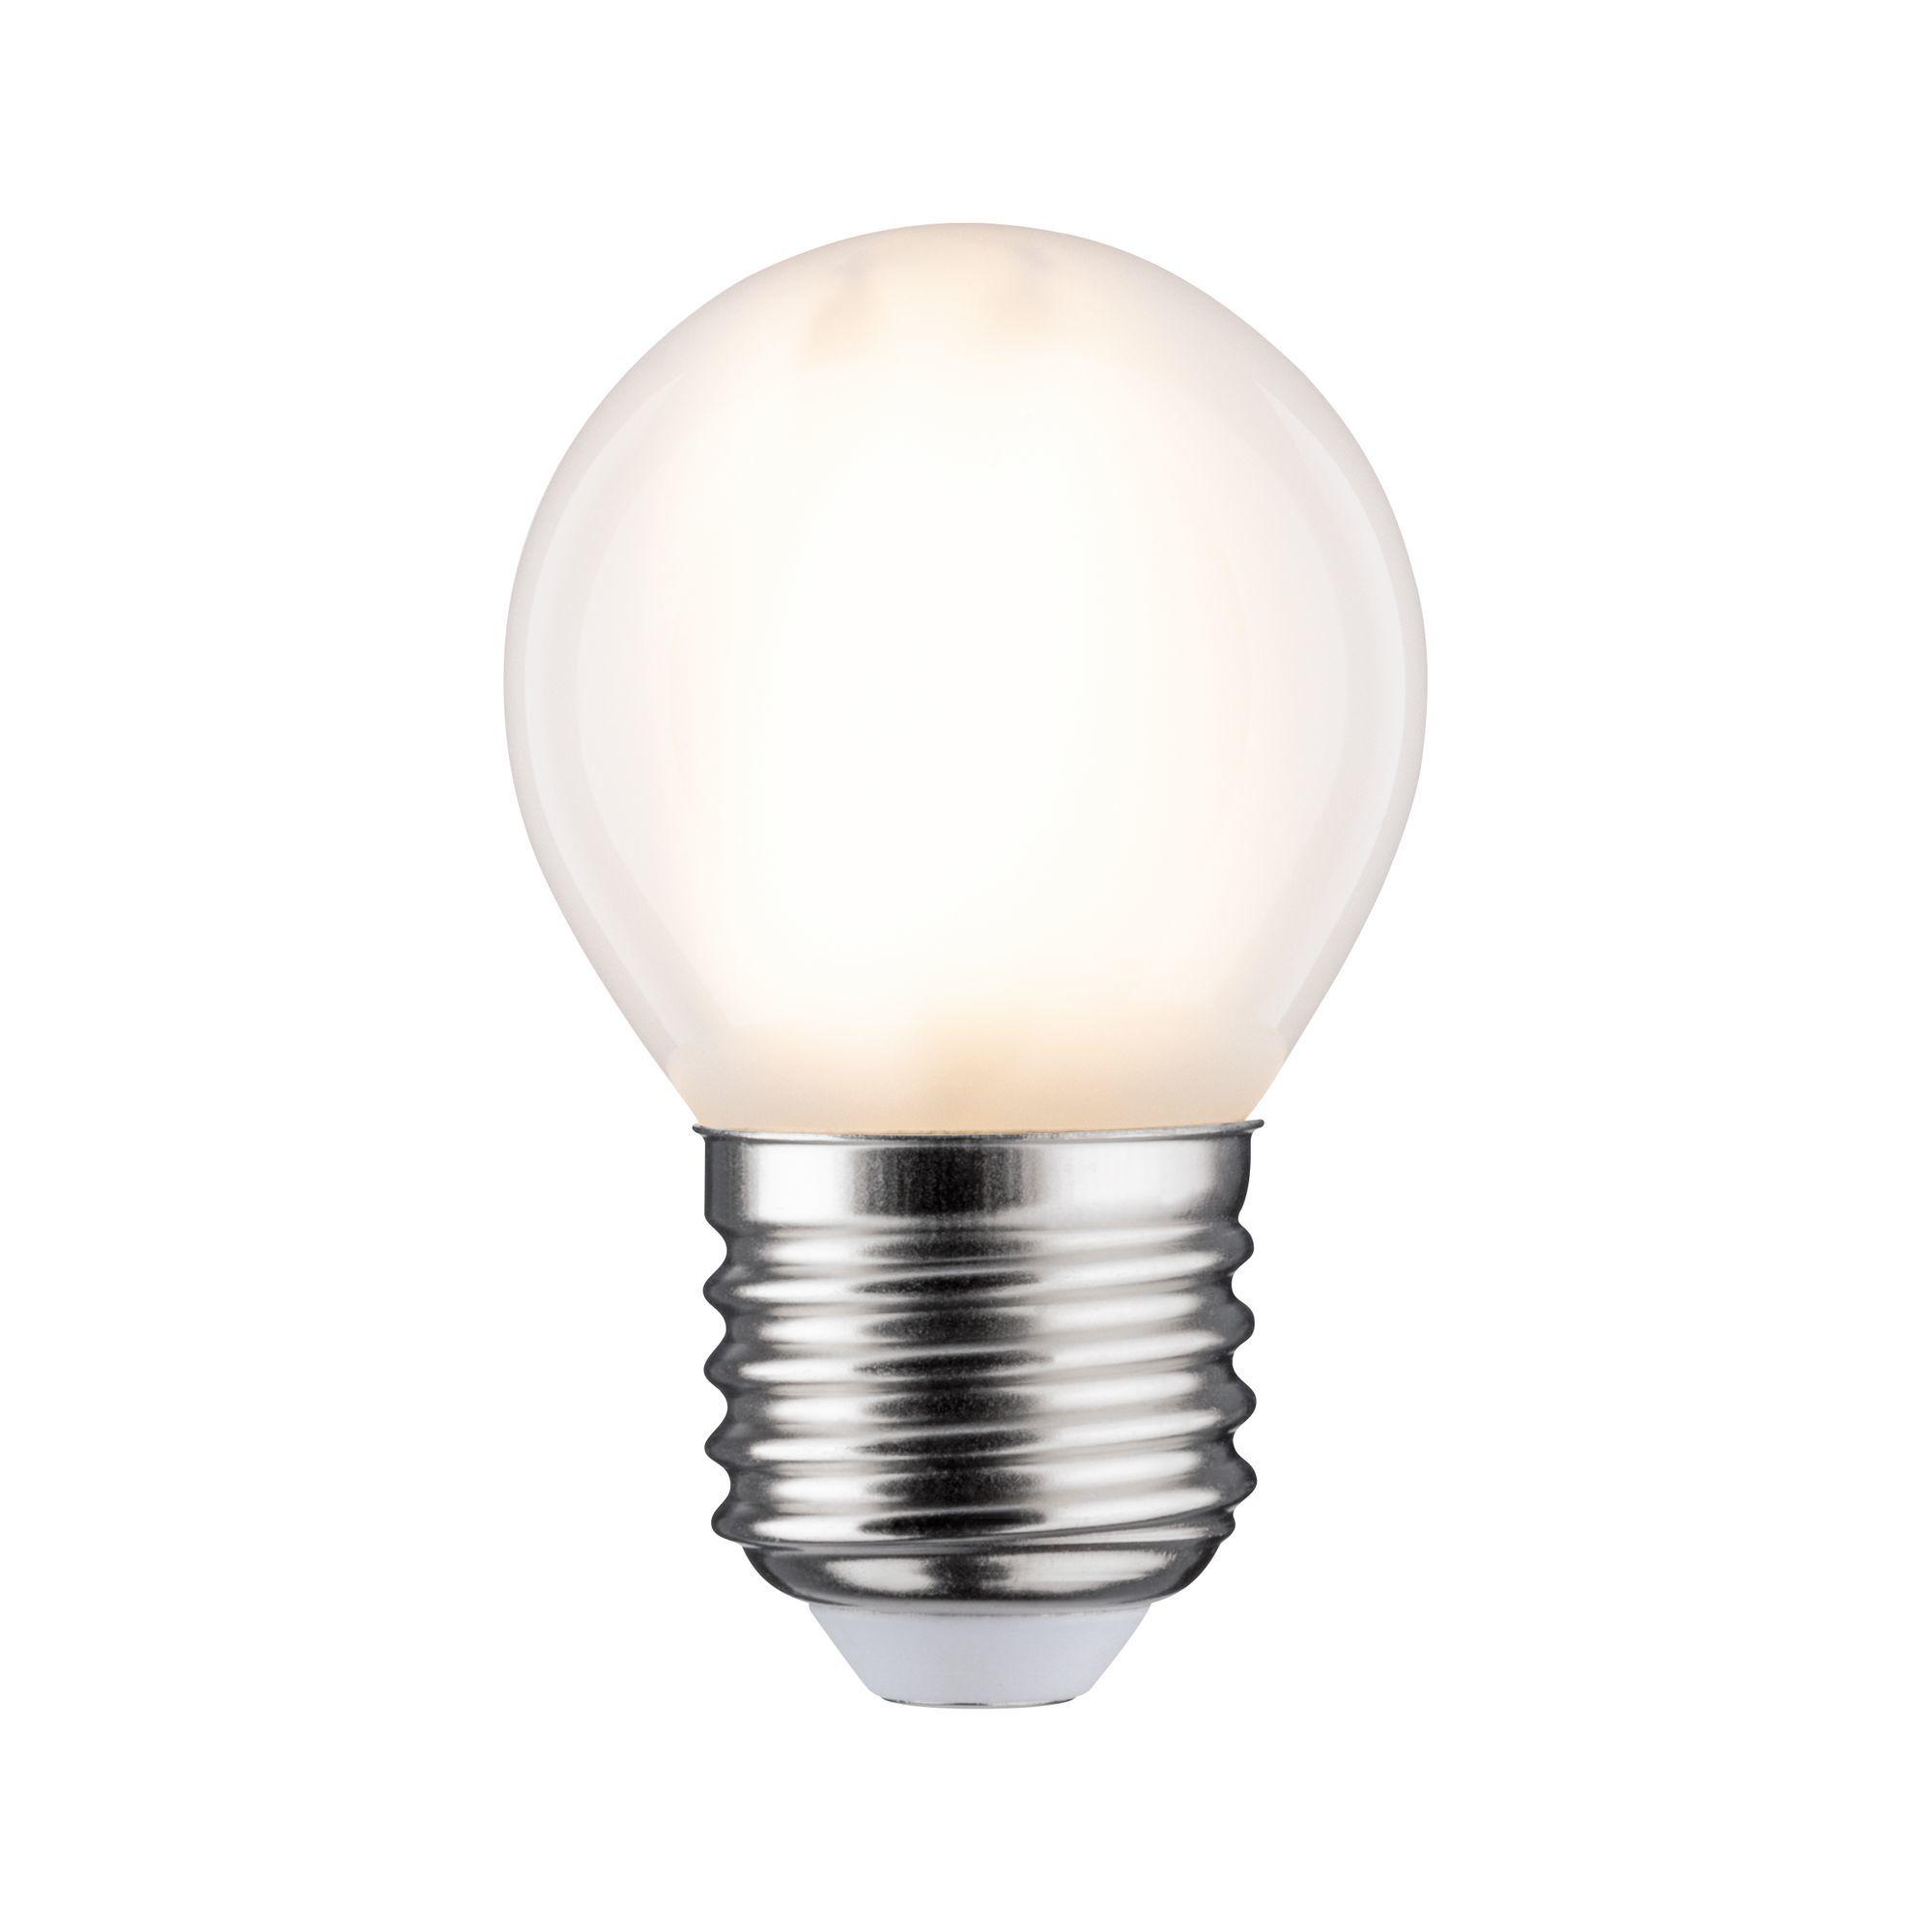 Paulmann LED Fil Tropfen 470lm E27 2700K matt dim 5W 230V (28635)